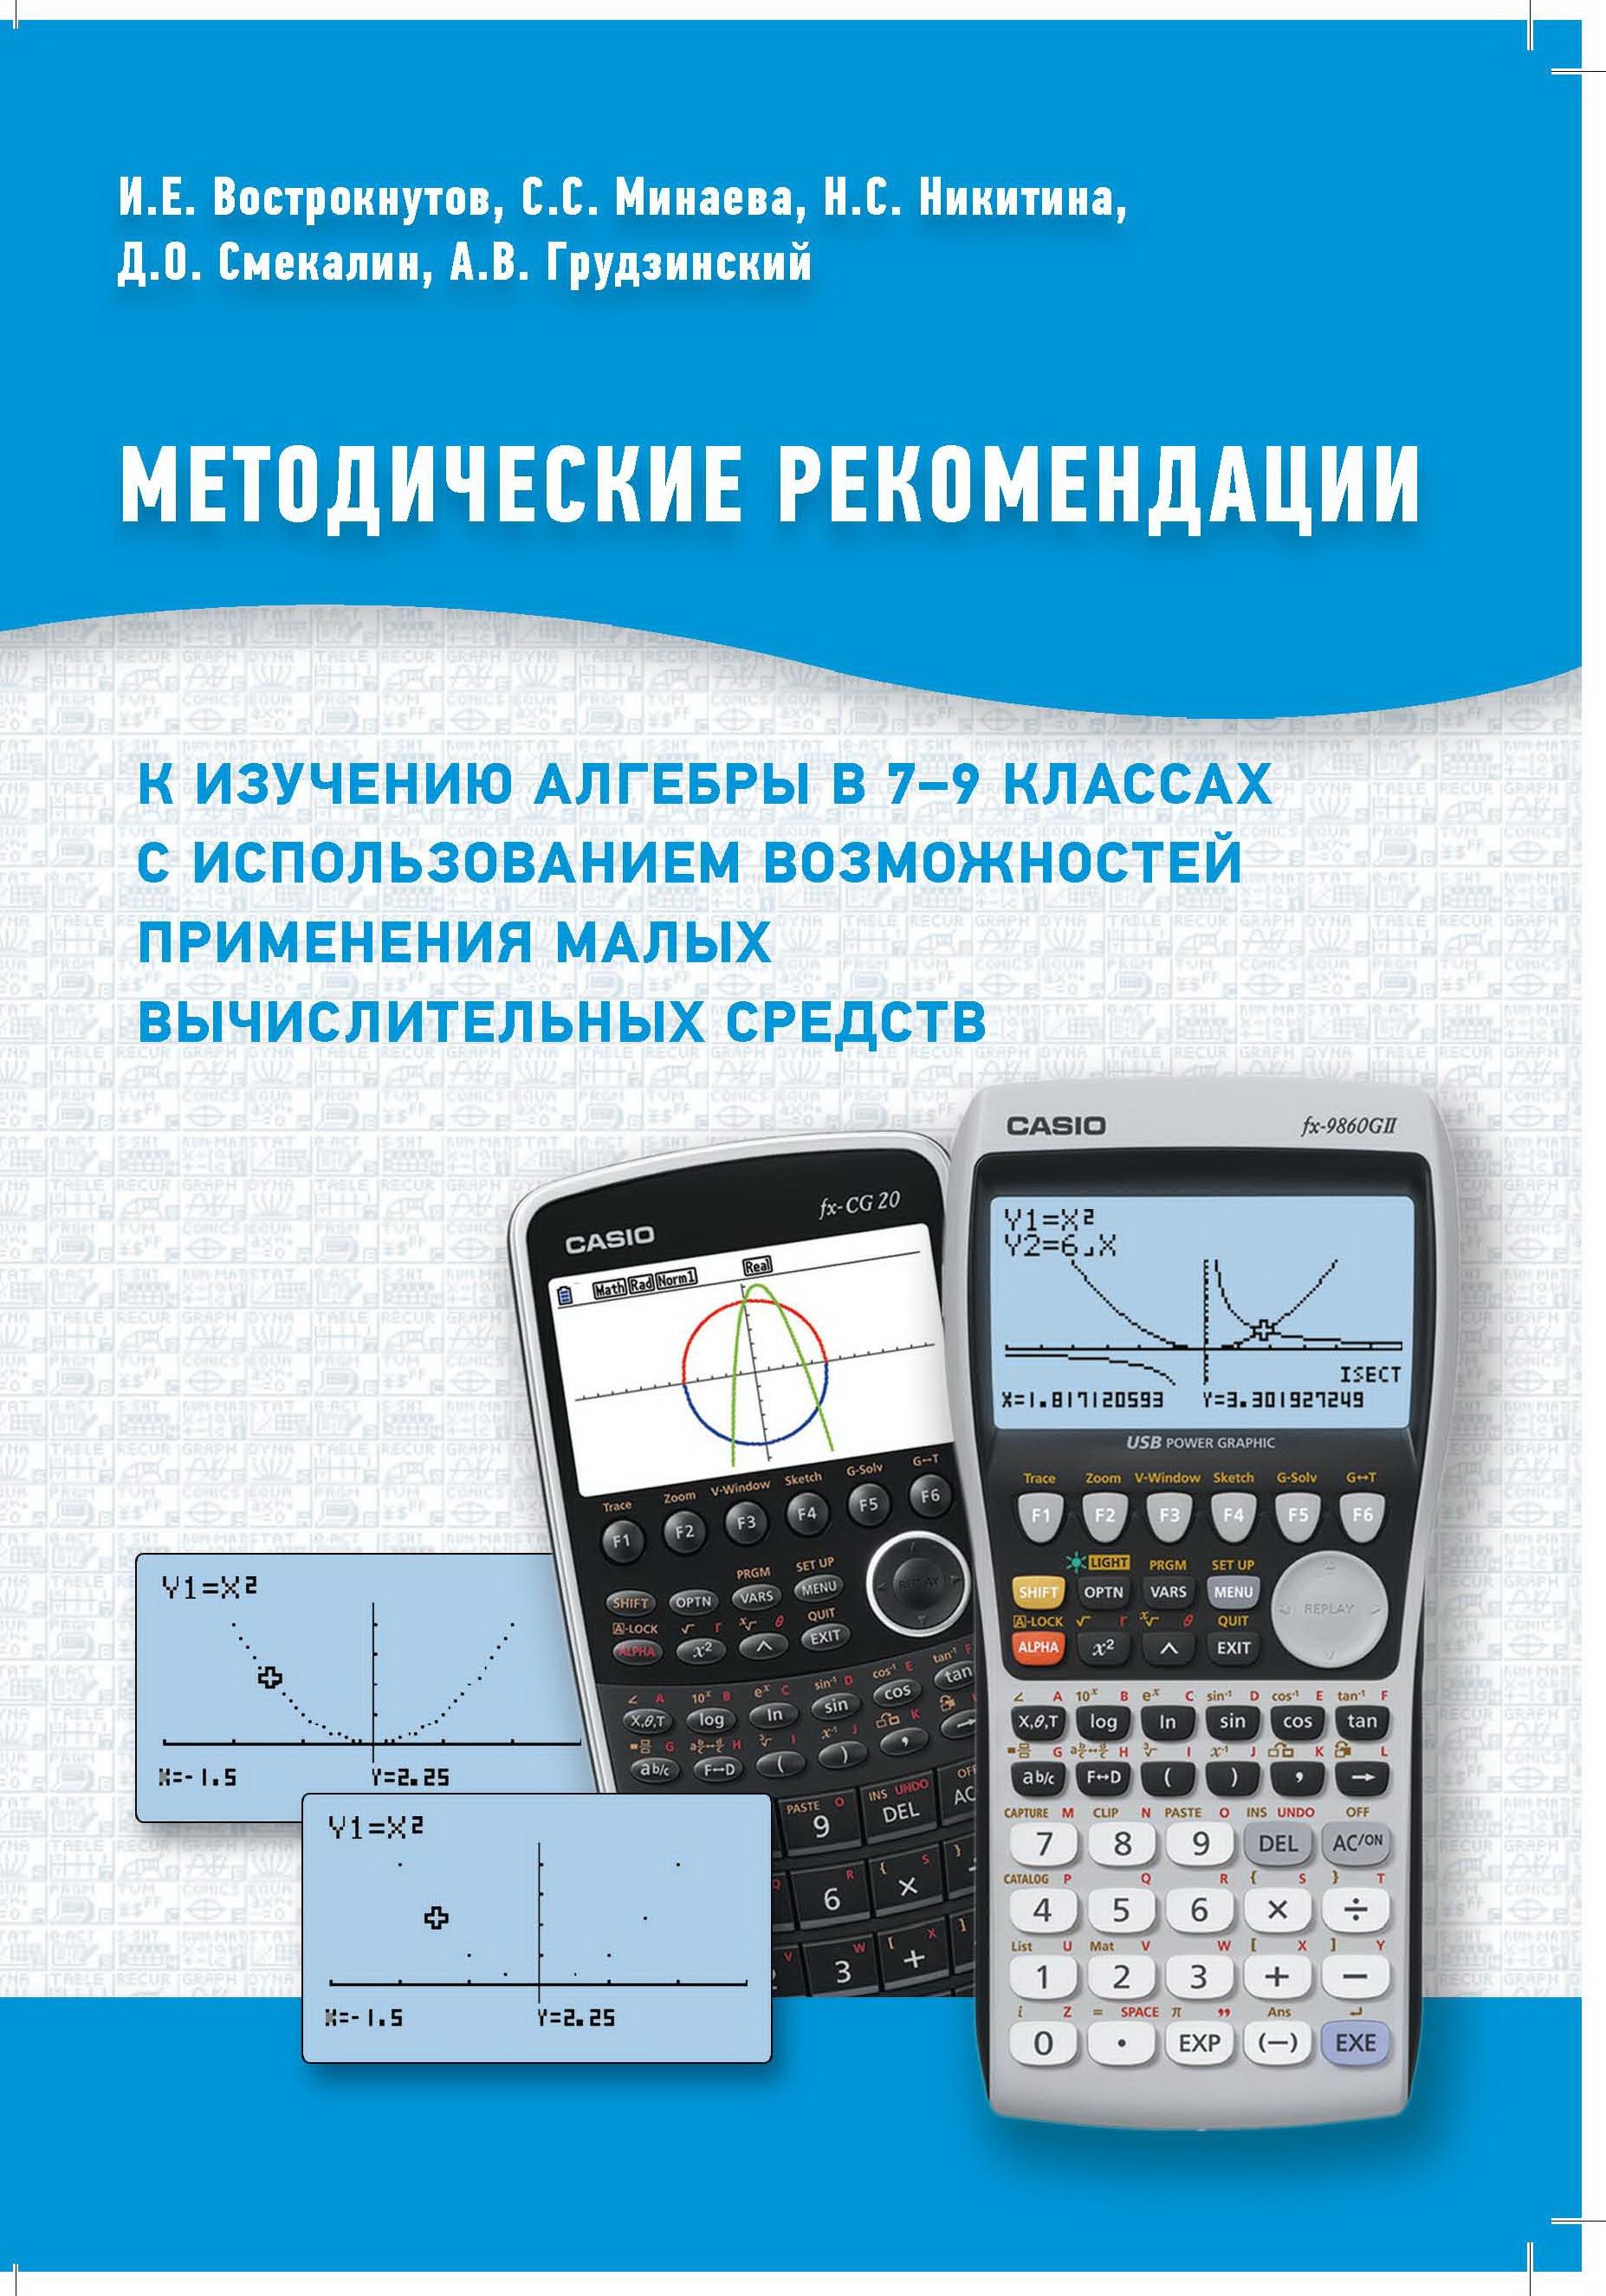 Методические рекомендации к изучению алгебры в 7-9 классах с использованием возможностей применения малых вычислительных средств